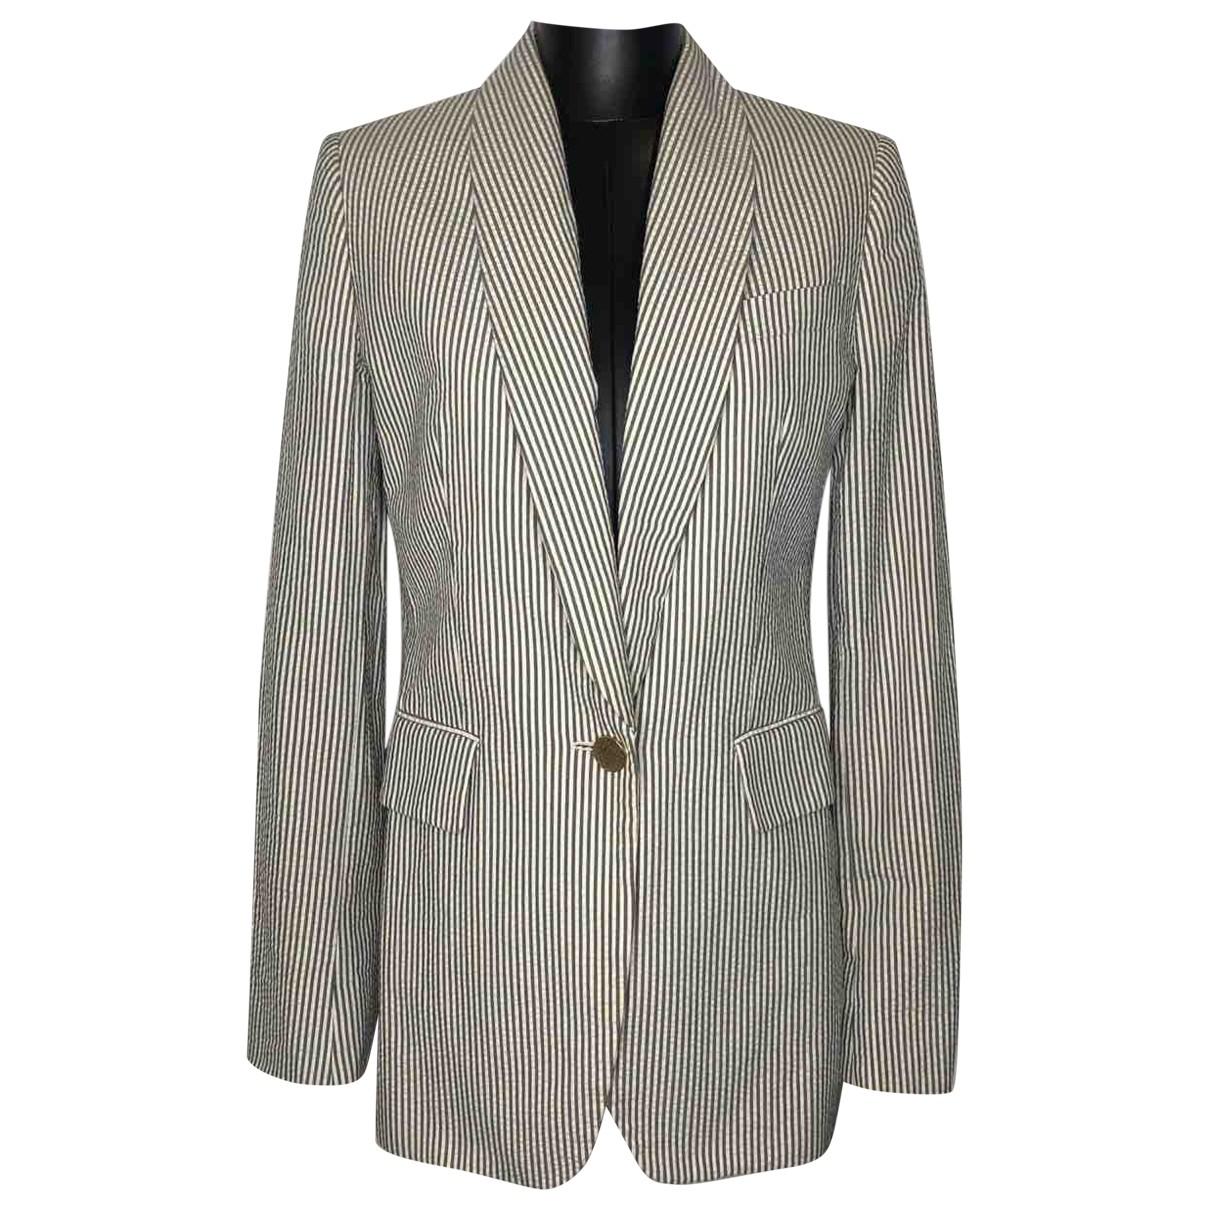 Stella Mccartney \N Grey Cotton jacket for Women 40 IT